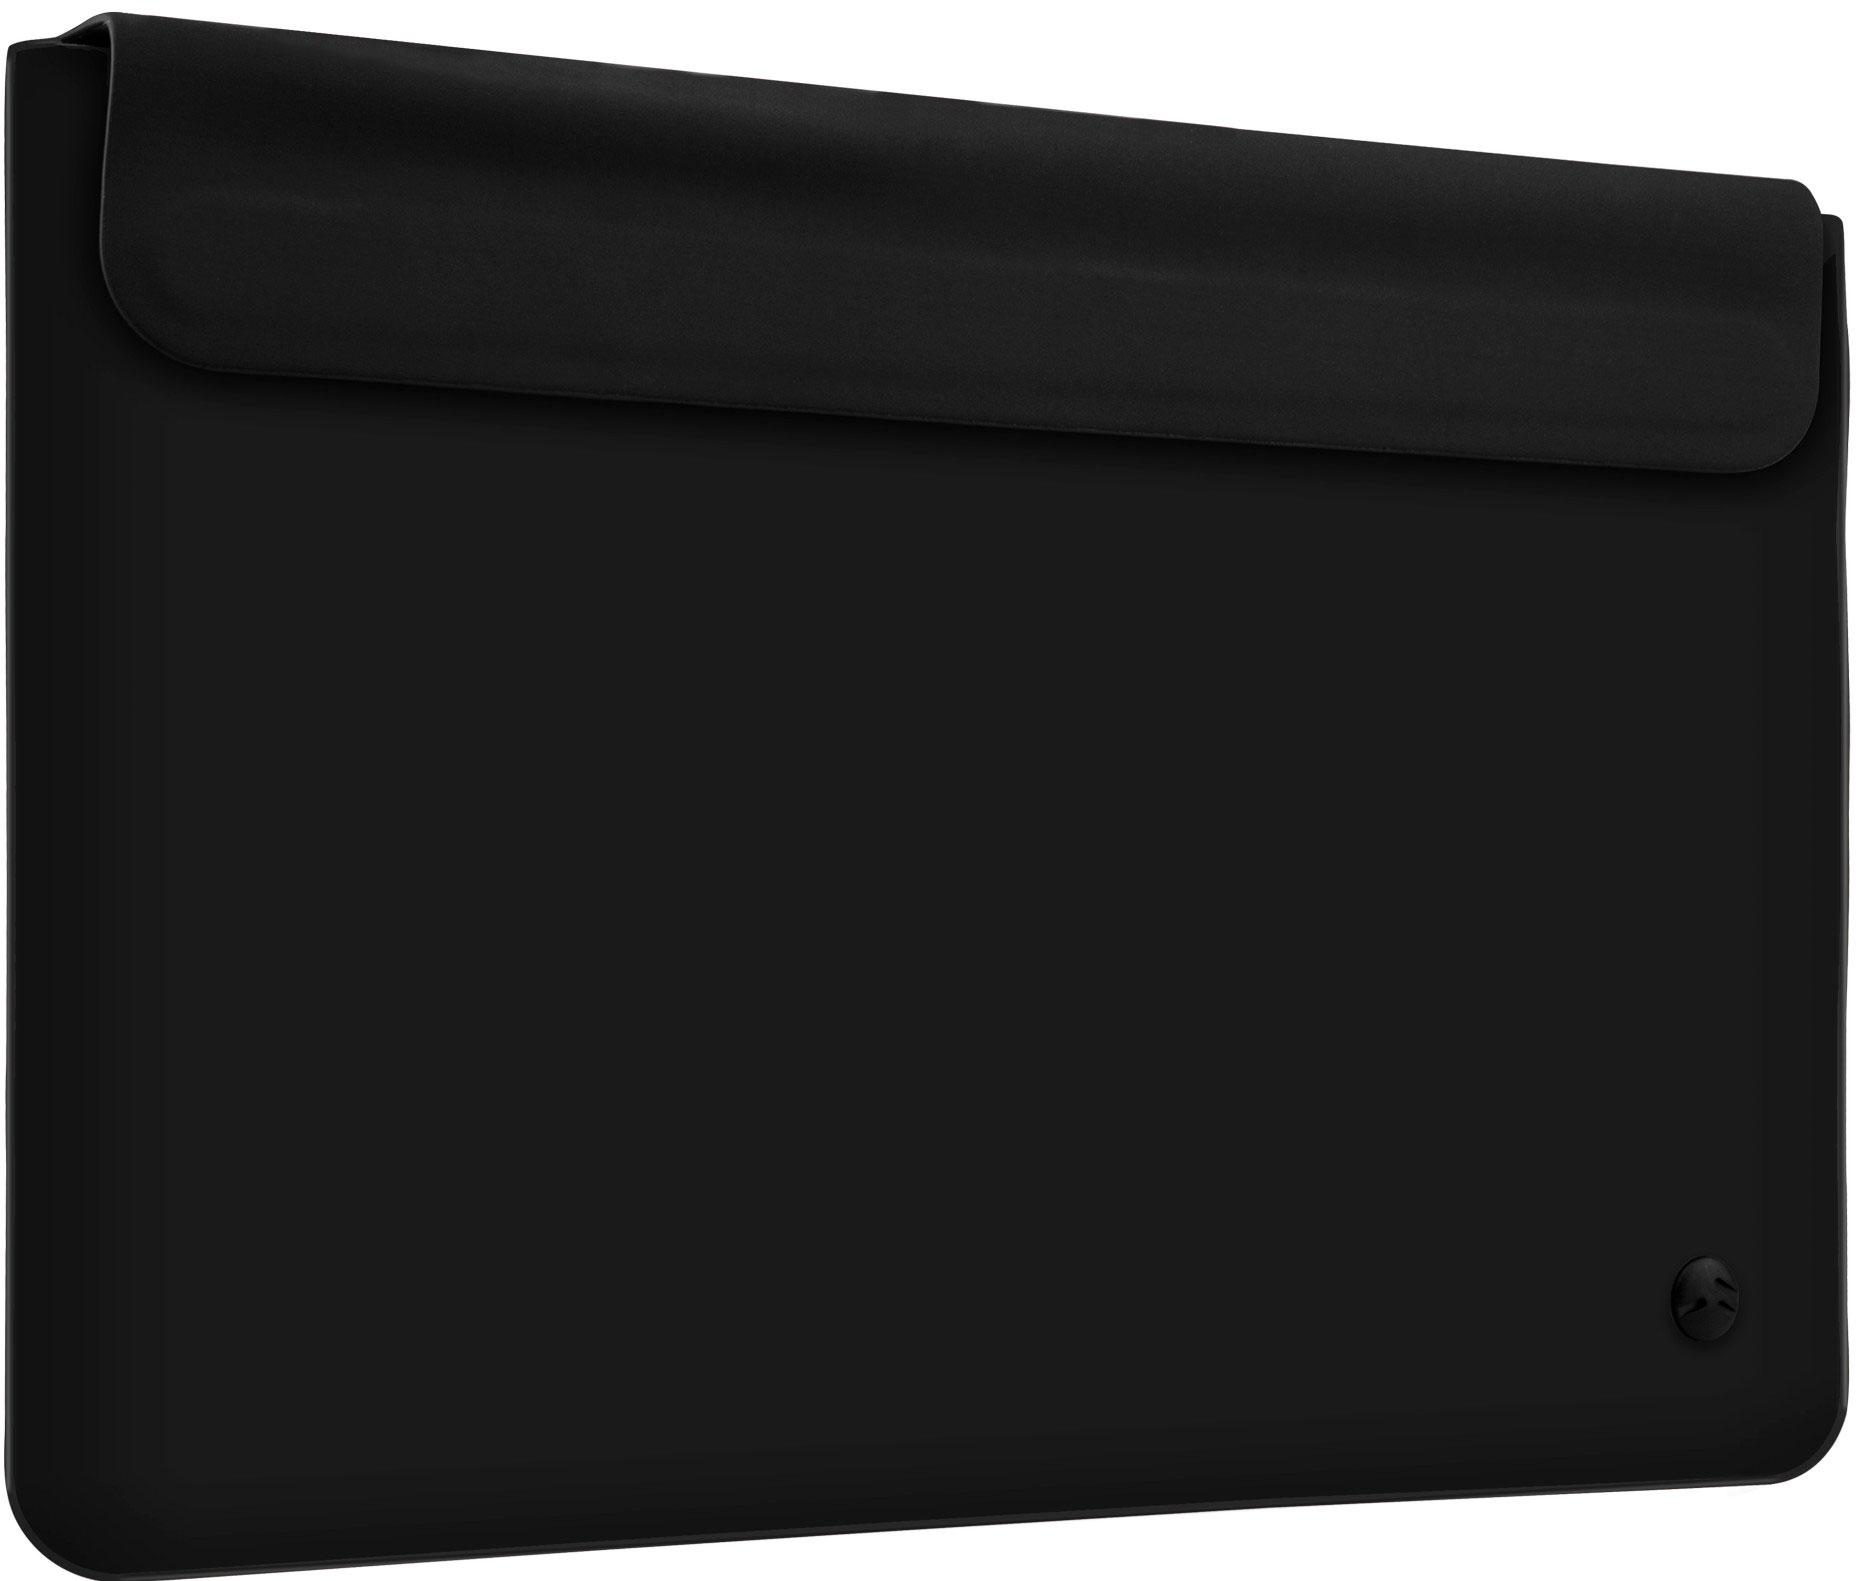 Купить Чехол для ноутбука COTEetCL Leather Liner Bag для Apple MacBook Pro 15 (черный)